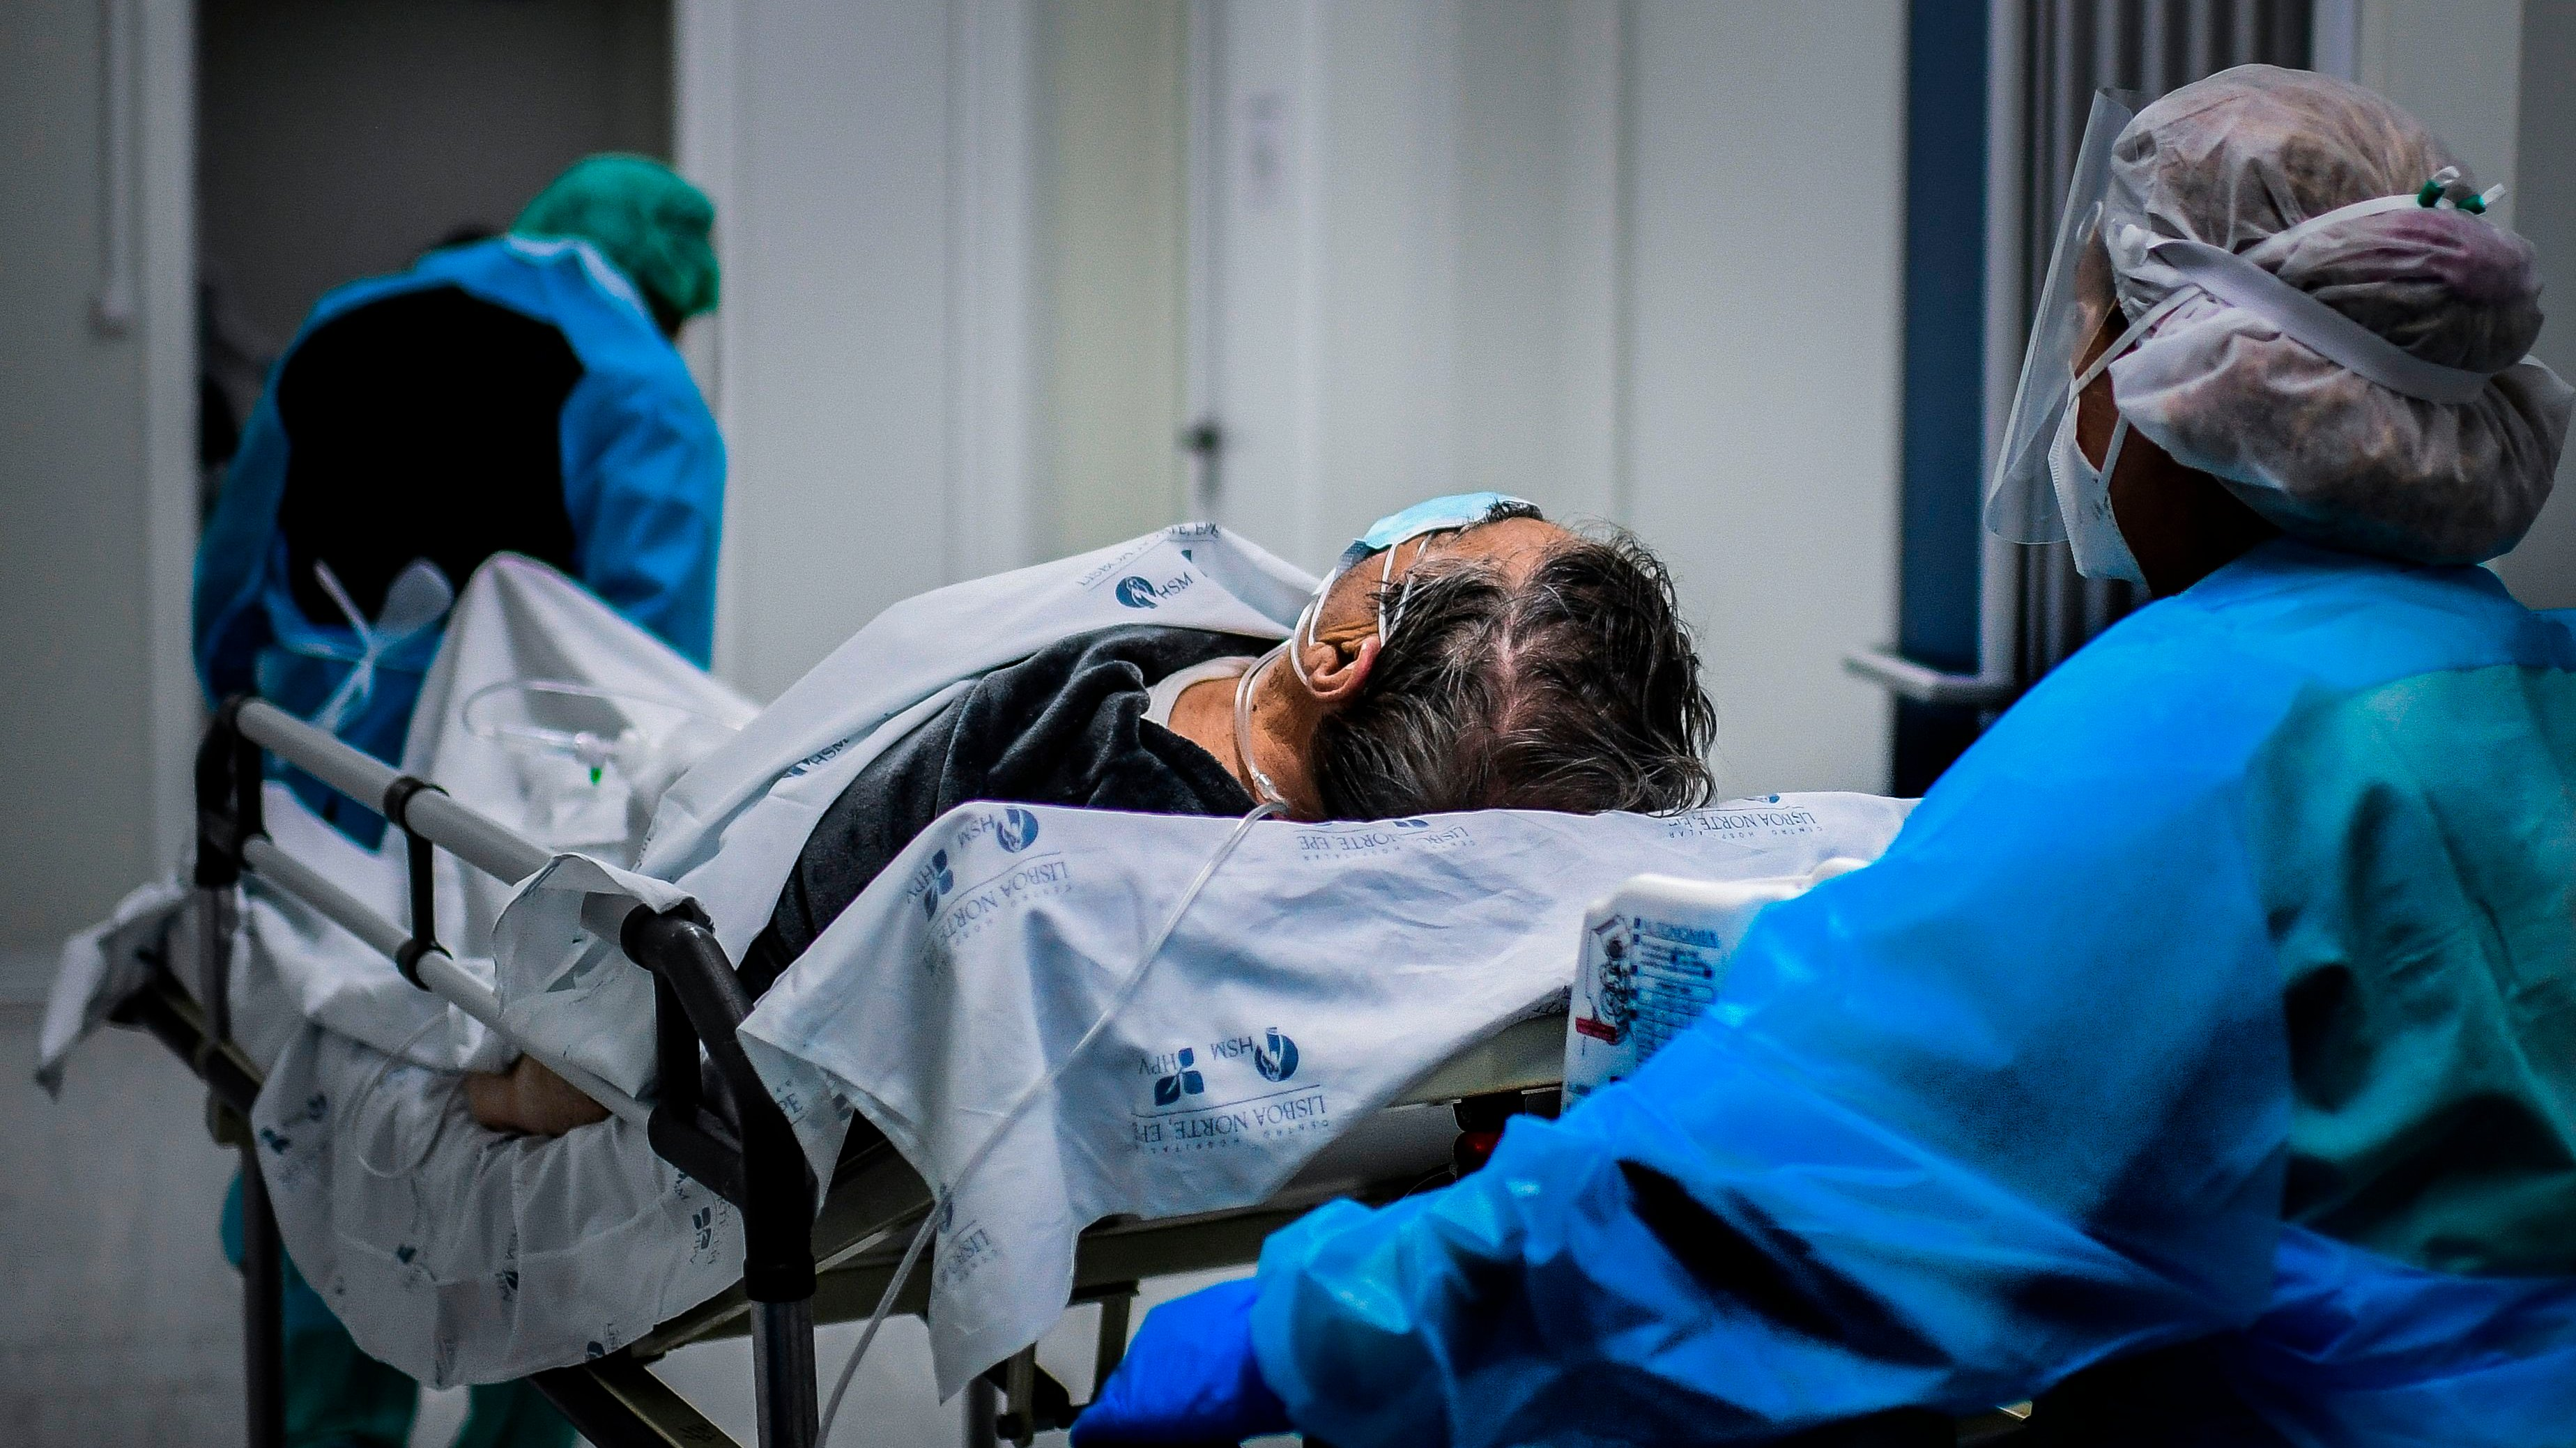 PORTUGAL-HEALTH-VIRUS-HOSPITAL